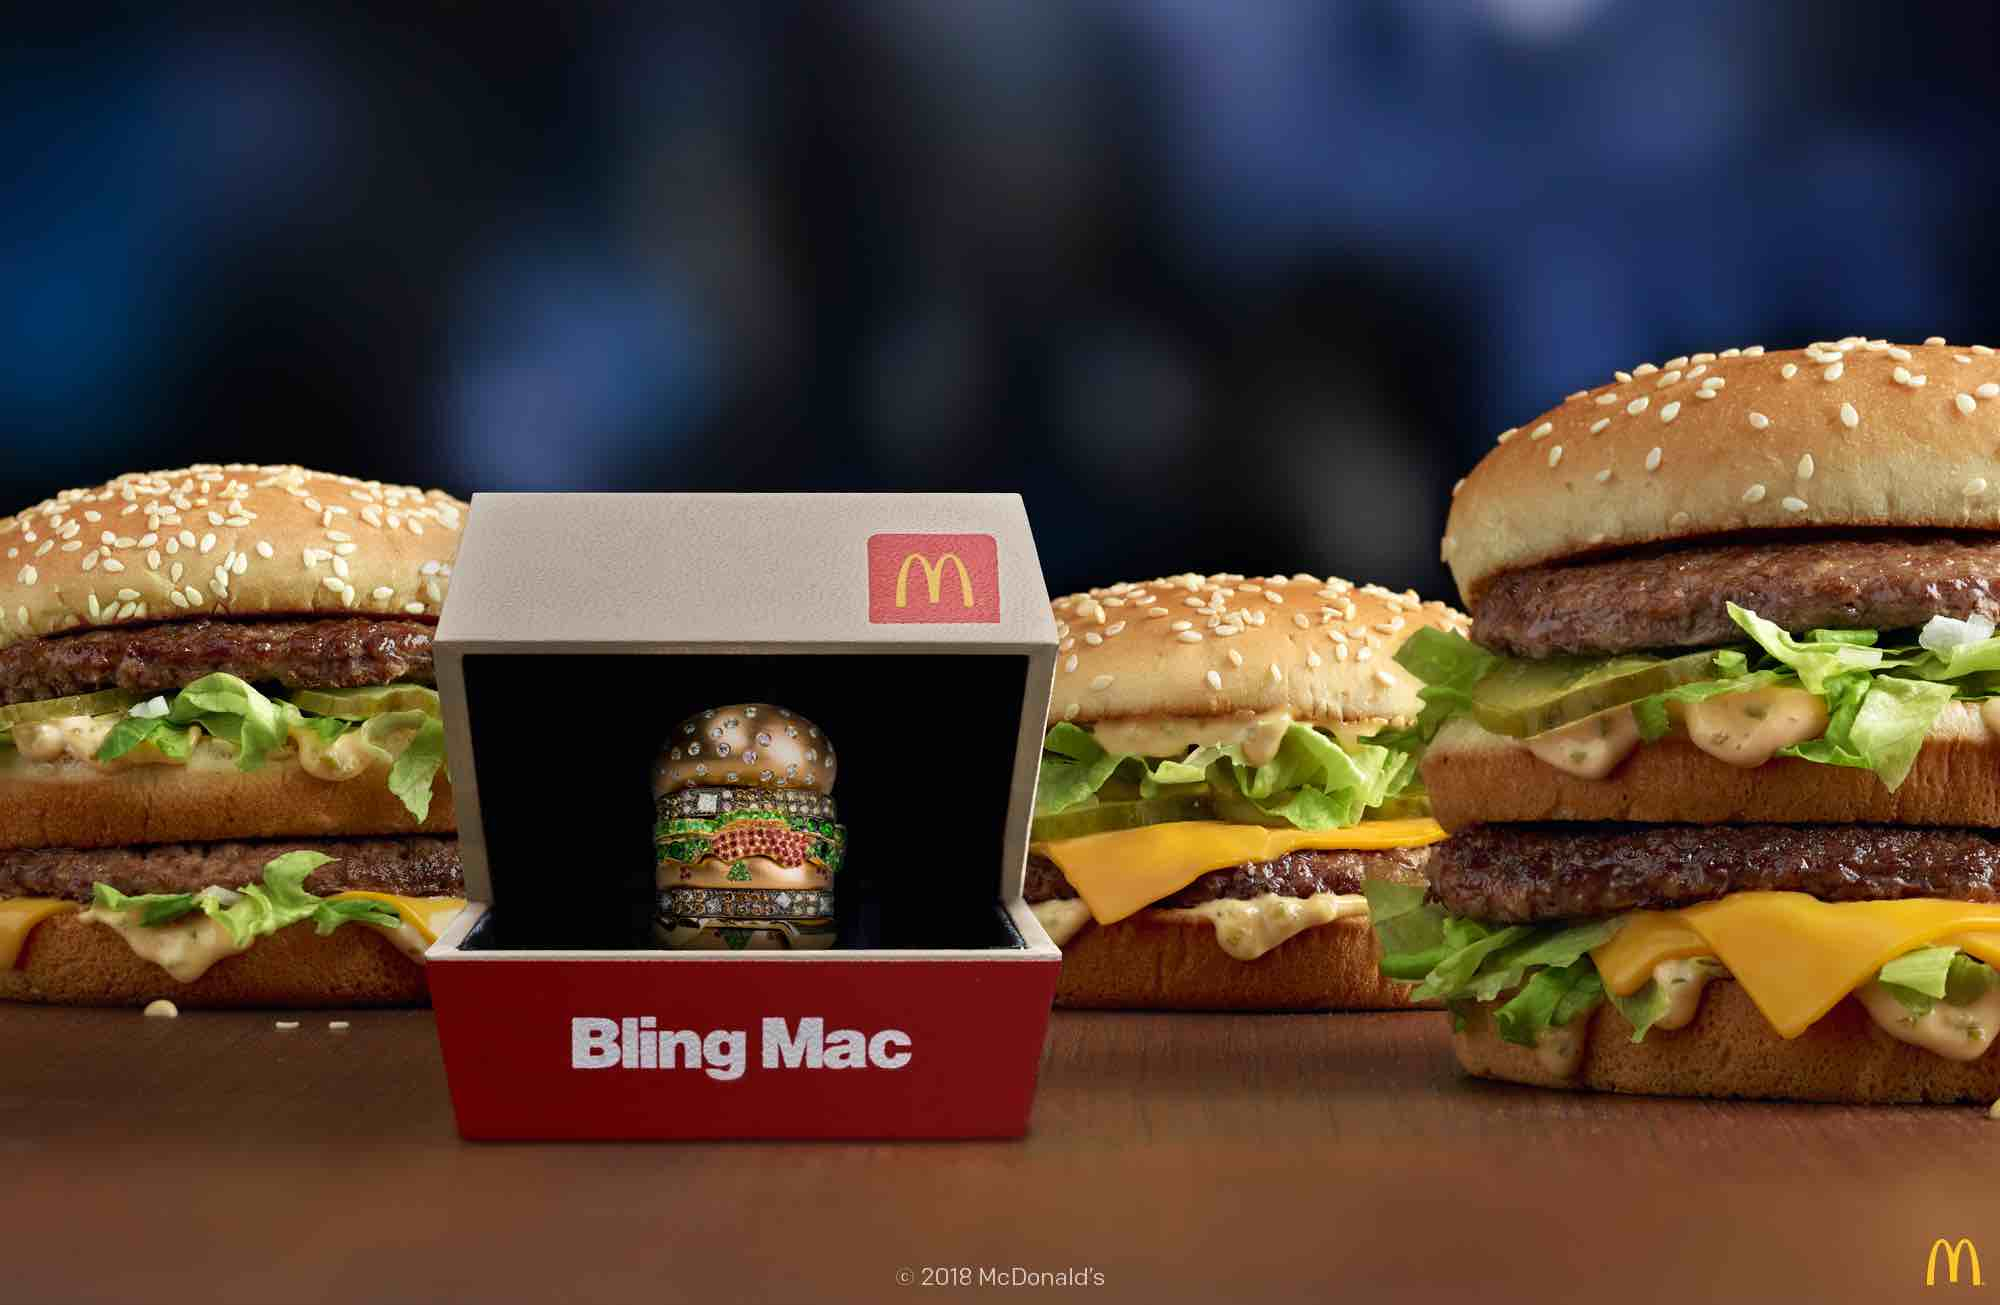 ¡McDonald's tiene el regalo más lujoso para este Día de San Valentín!